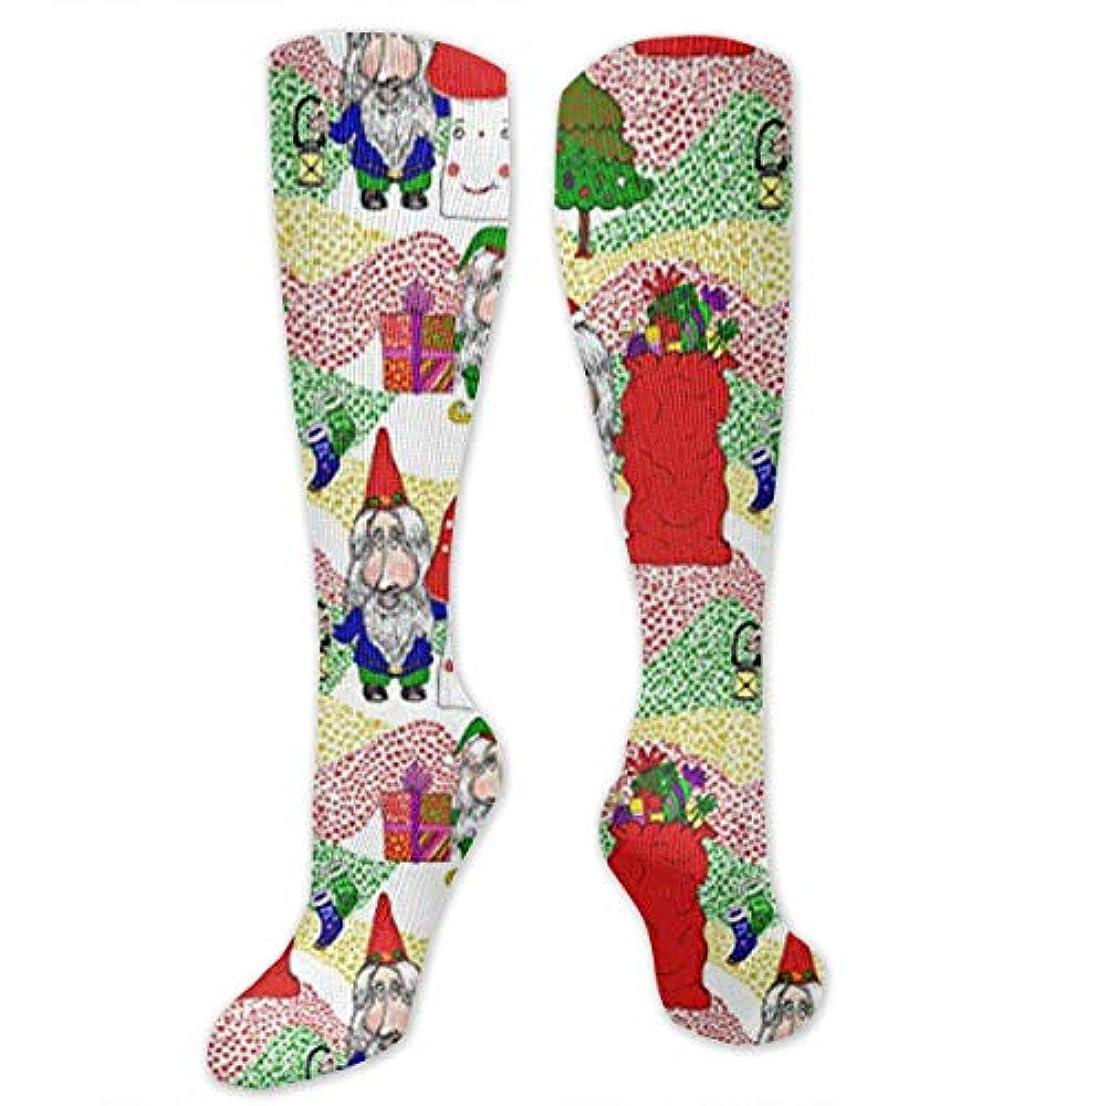 ギャザー船乗りとんでもない靴下,ストッキング,野生のジョーカー,実際,秋の本質,冬必須,サマーウェア&RBXAA Christmas Santa, Gnome and Elf Socks Women's Winter Cotton Long Tube...